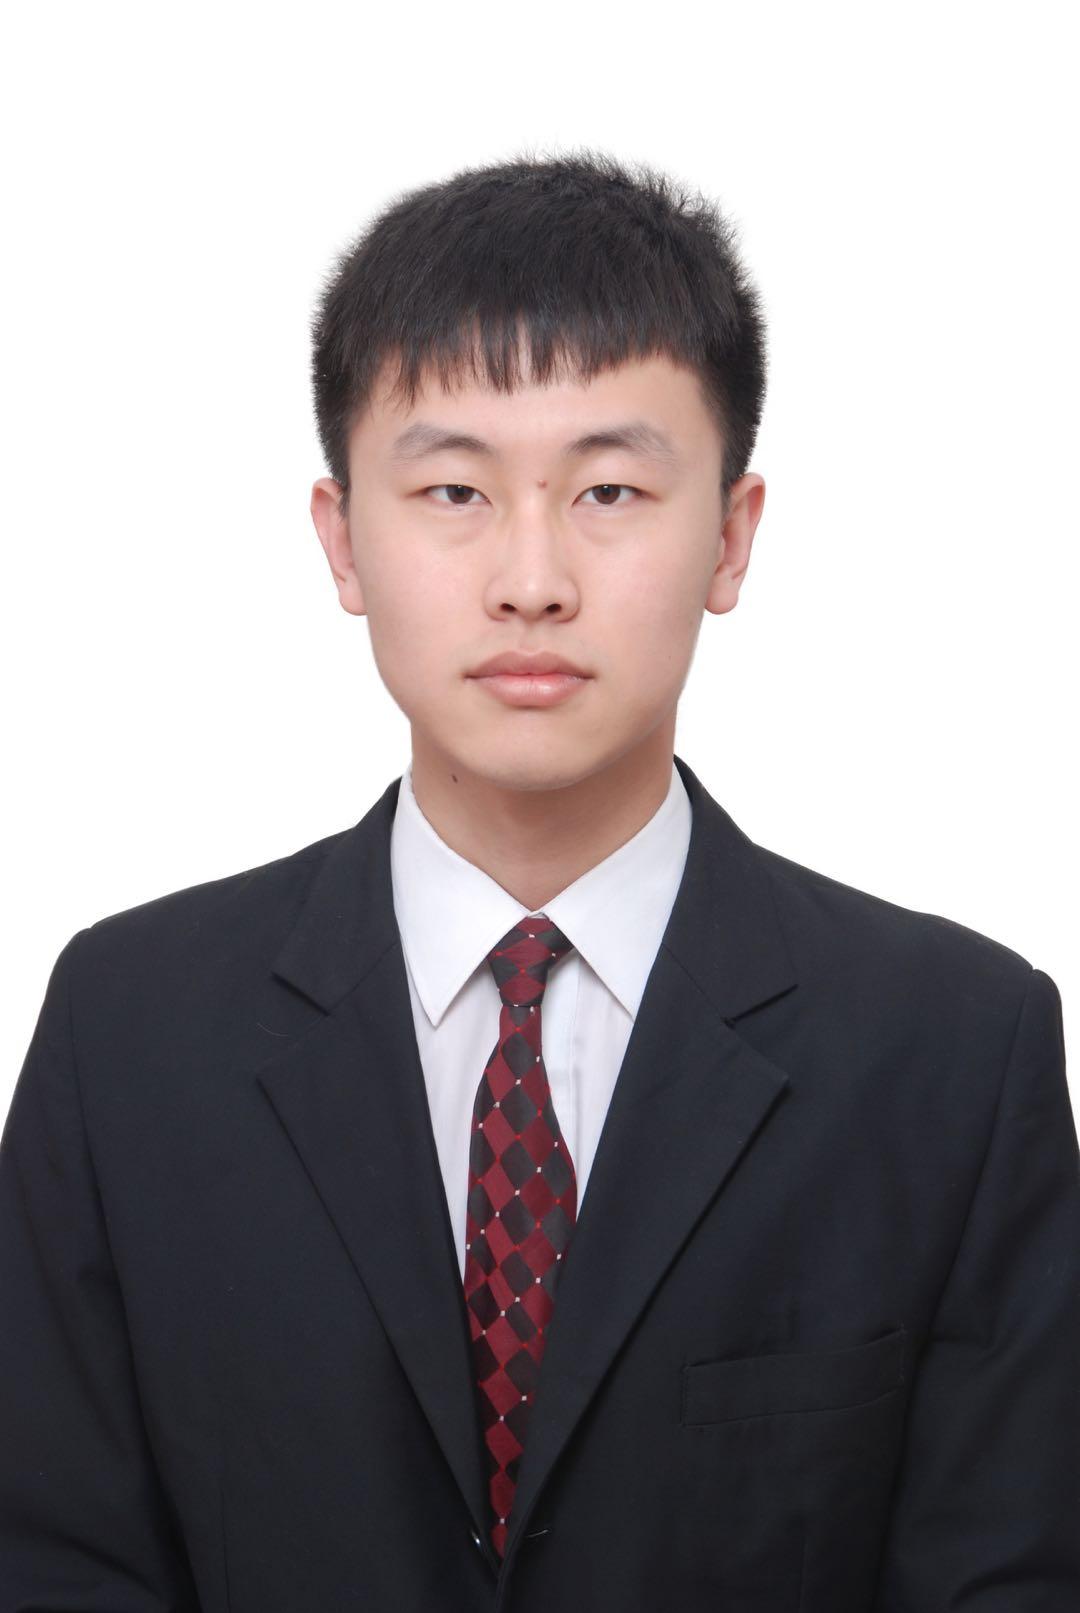 吴鹤楠,SMC(中国)有限公司医药行业负责人